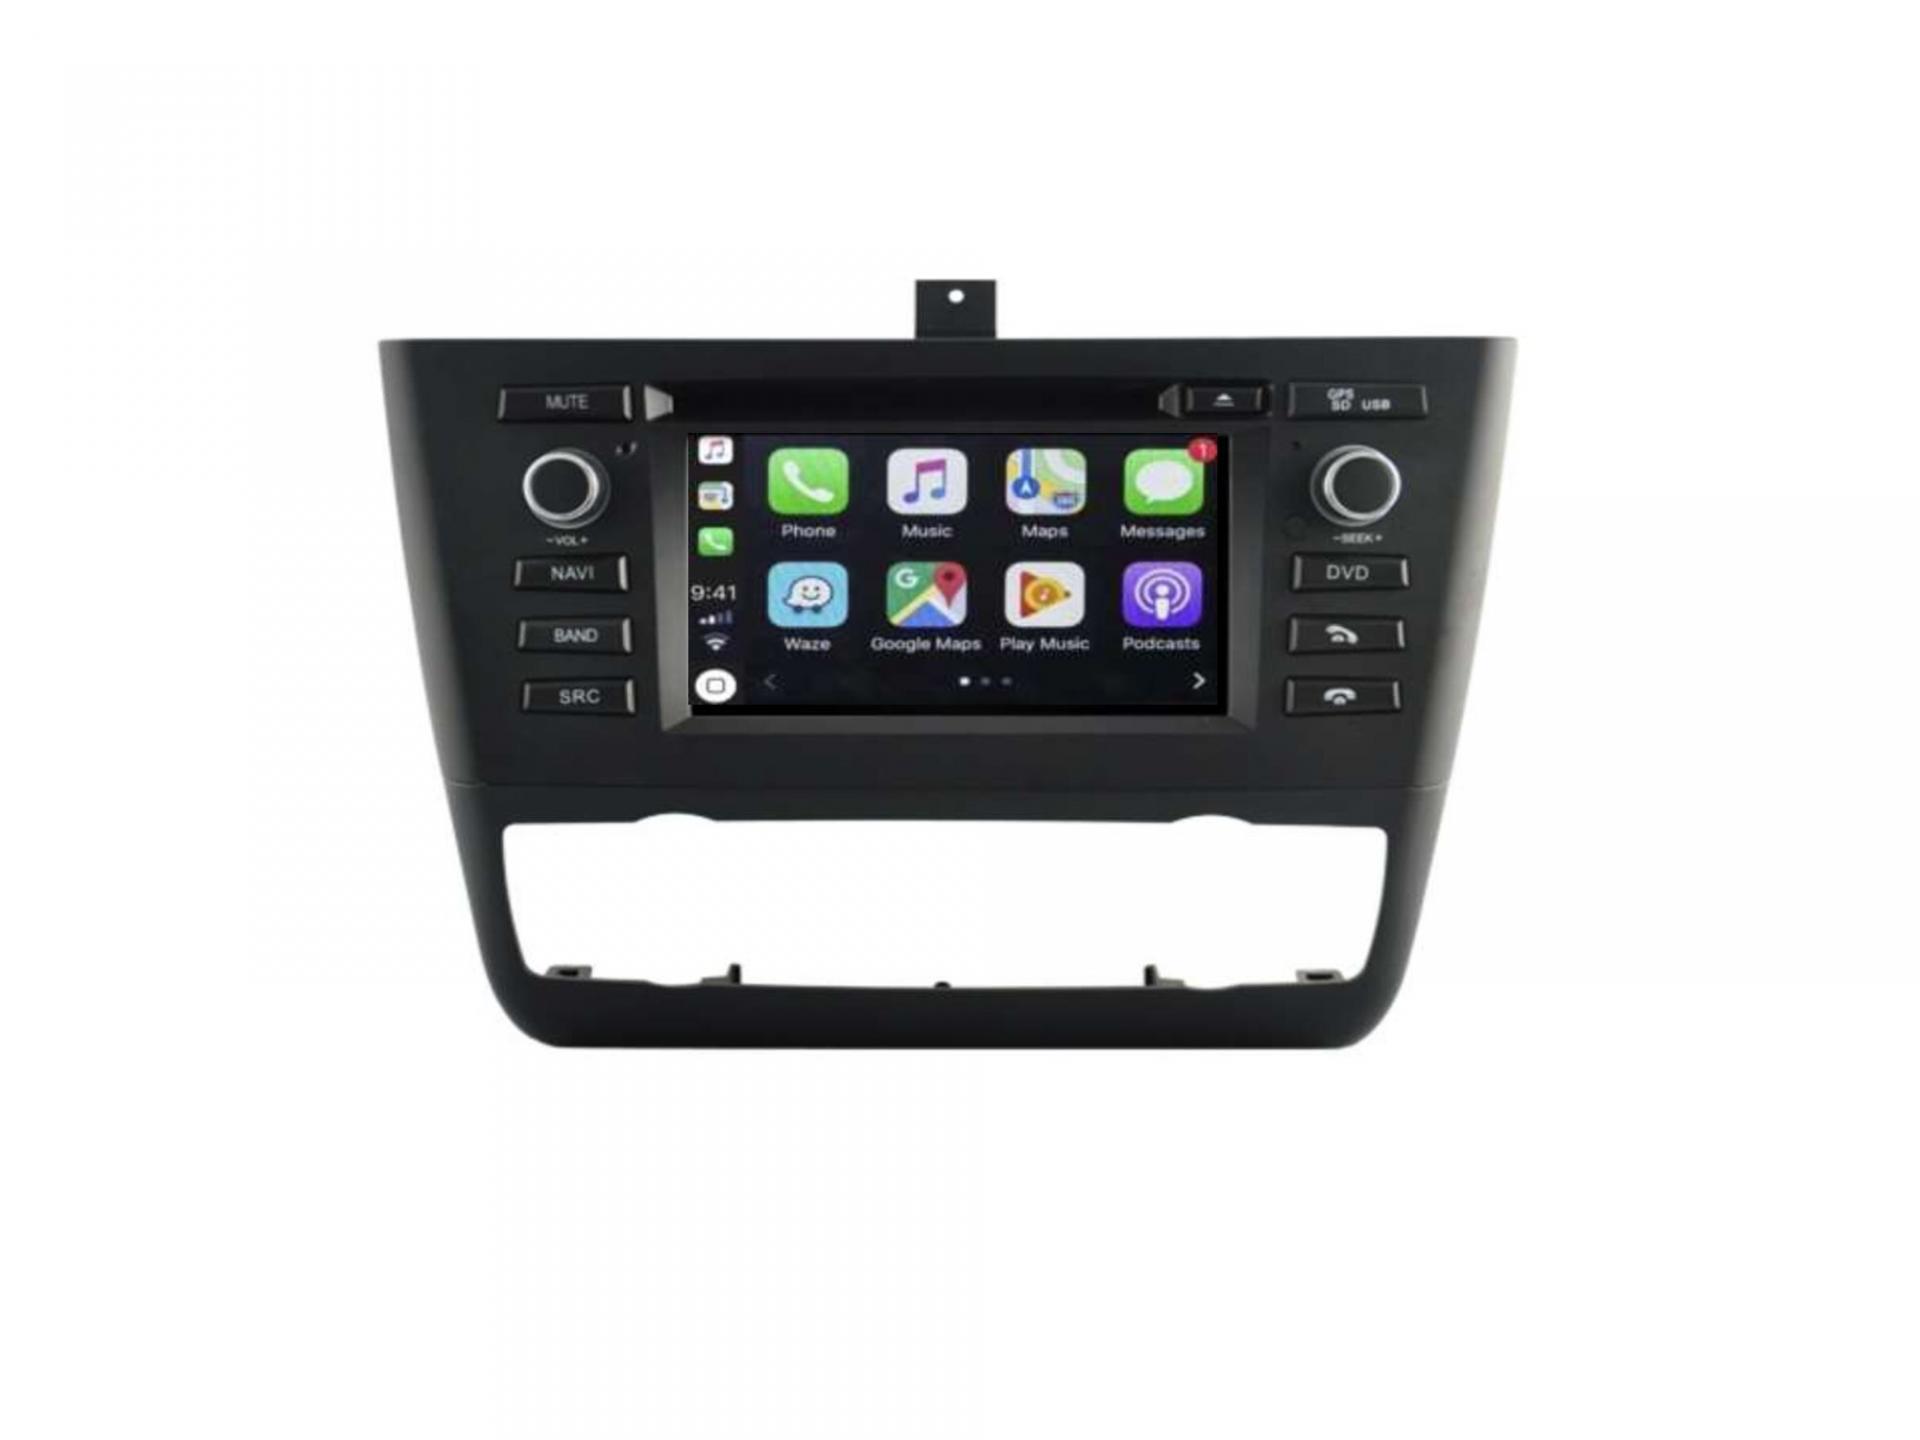 Autoradio gps carplay android auto bluetooth bmw serie 1 e81 e82 e87 e88 2